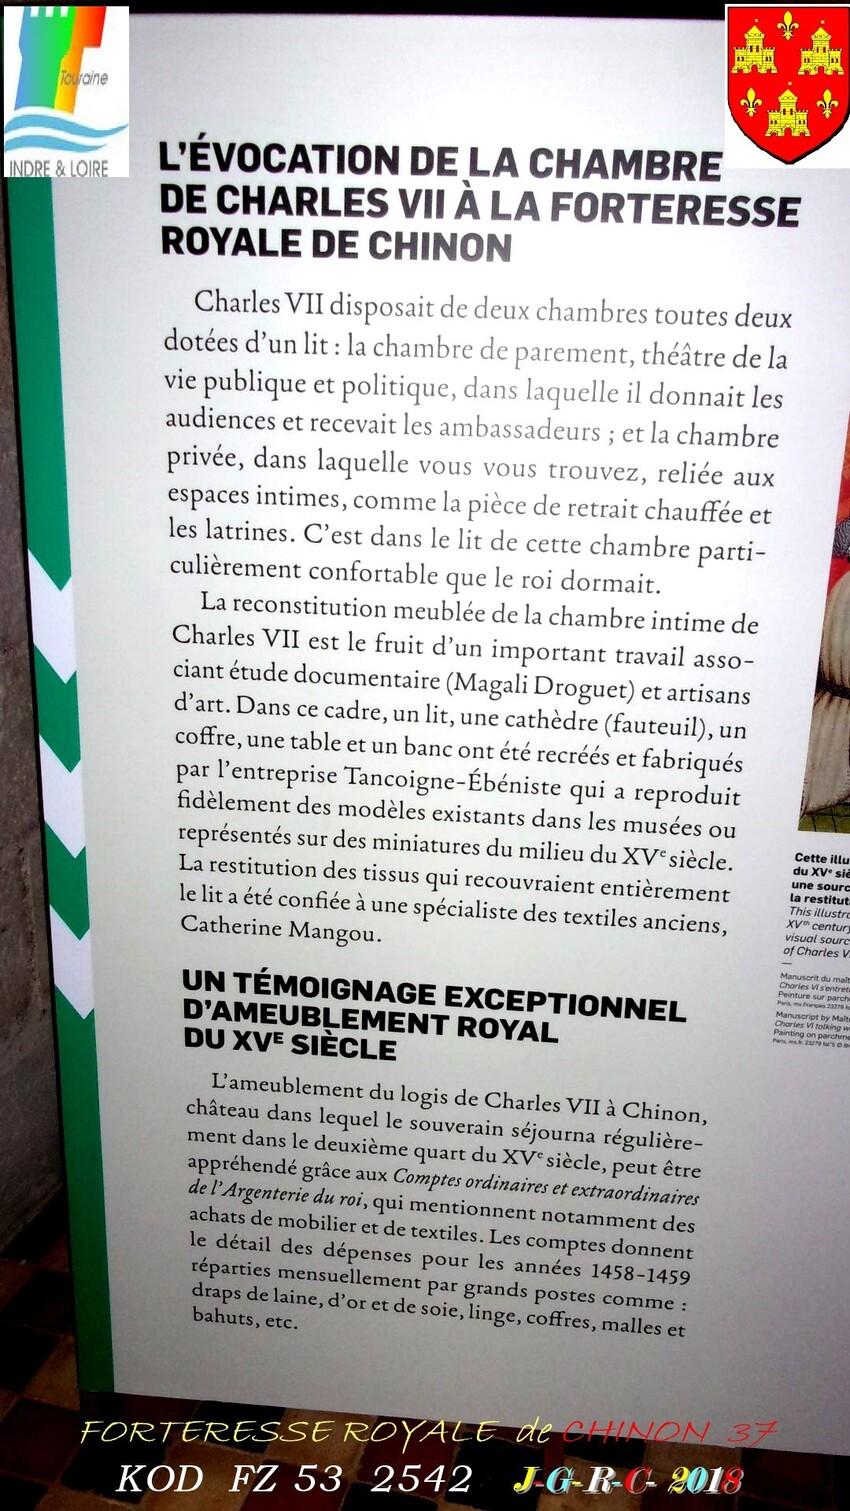 CHÂTEAU  FORTERESSE  DE  CHINON  37    3/3  -  6/10      D   29/05/2019